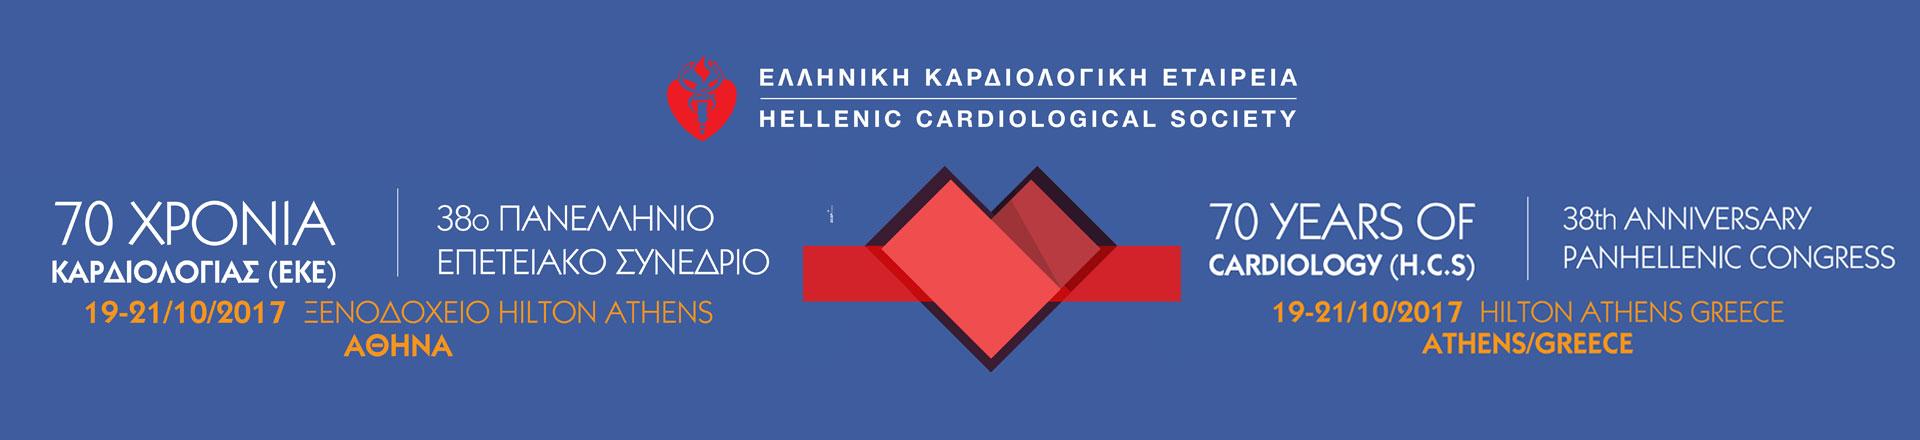 38ο Πανελλήνιο Επετειακό Καρδιολογικό Συνέδριο